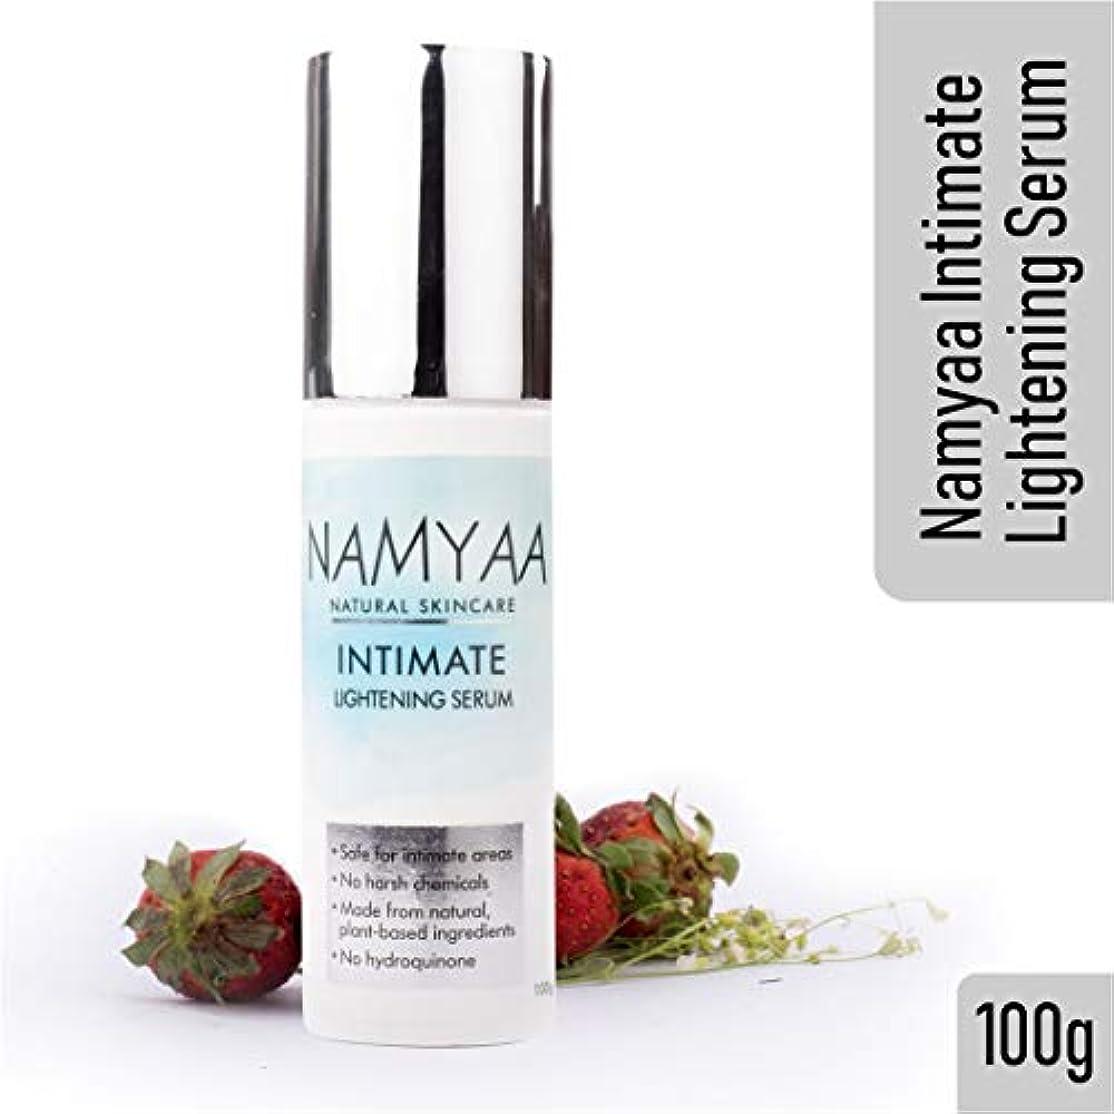 言及する公爵夫人道徳のQraa Namaya Intimate Lightening Serum, 100g